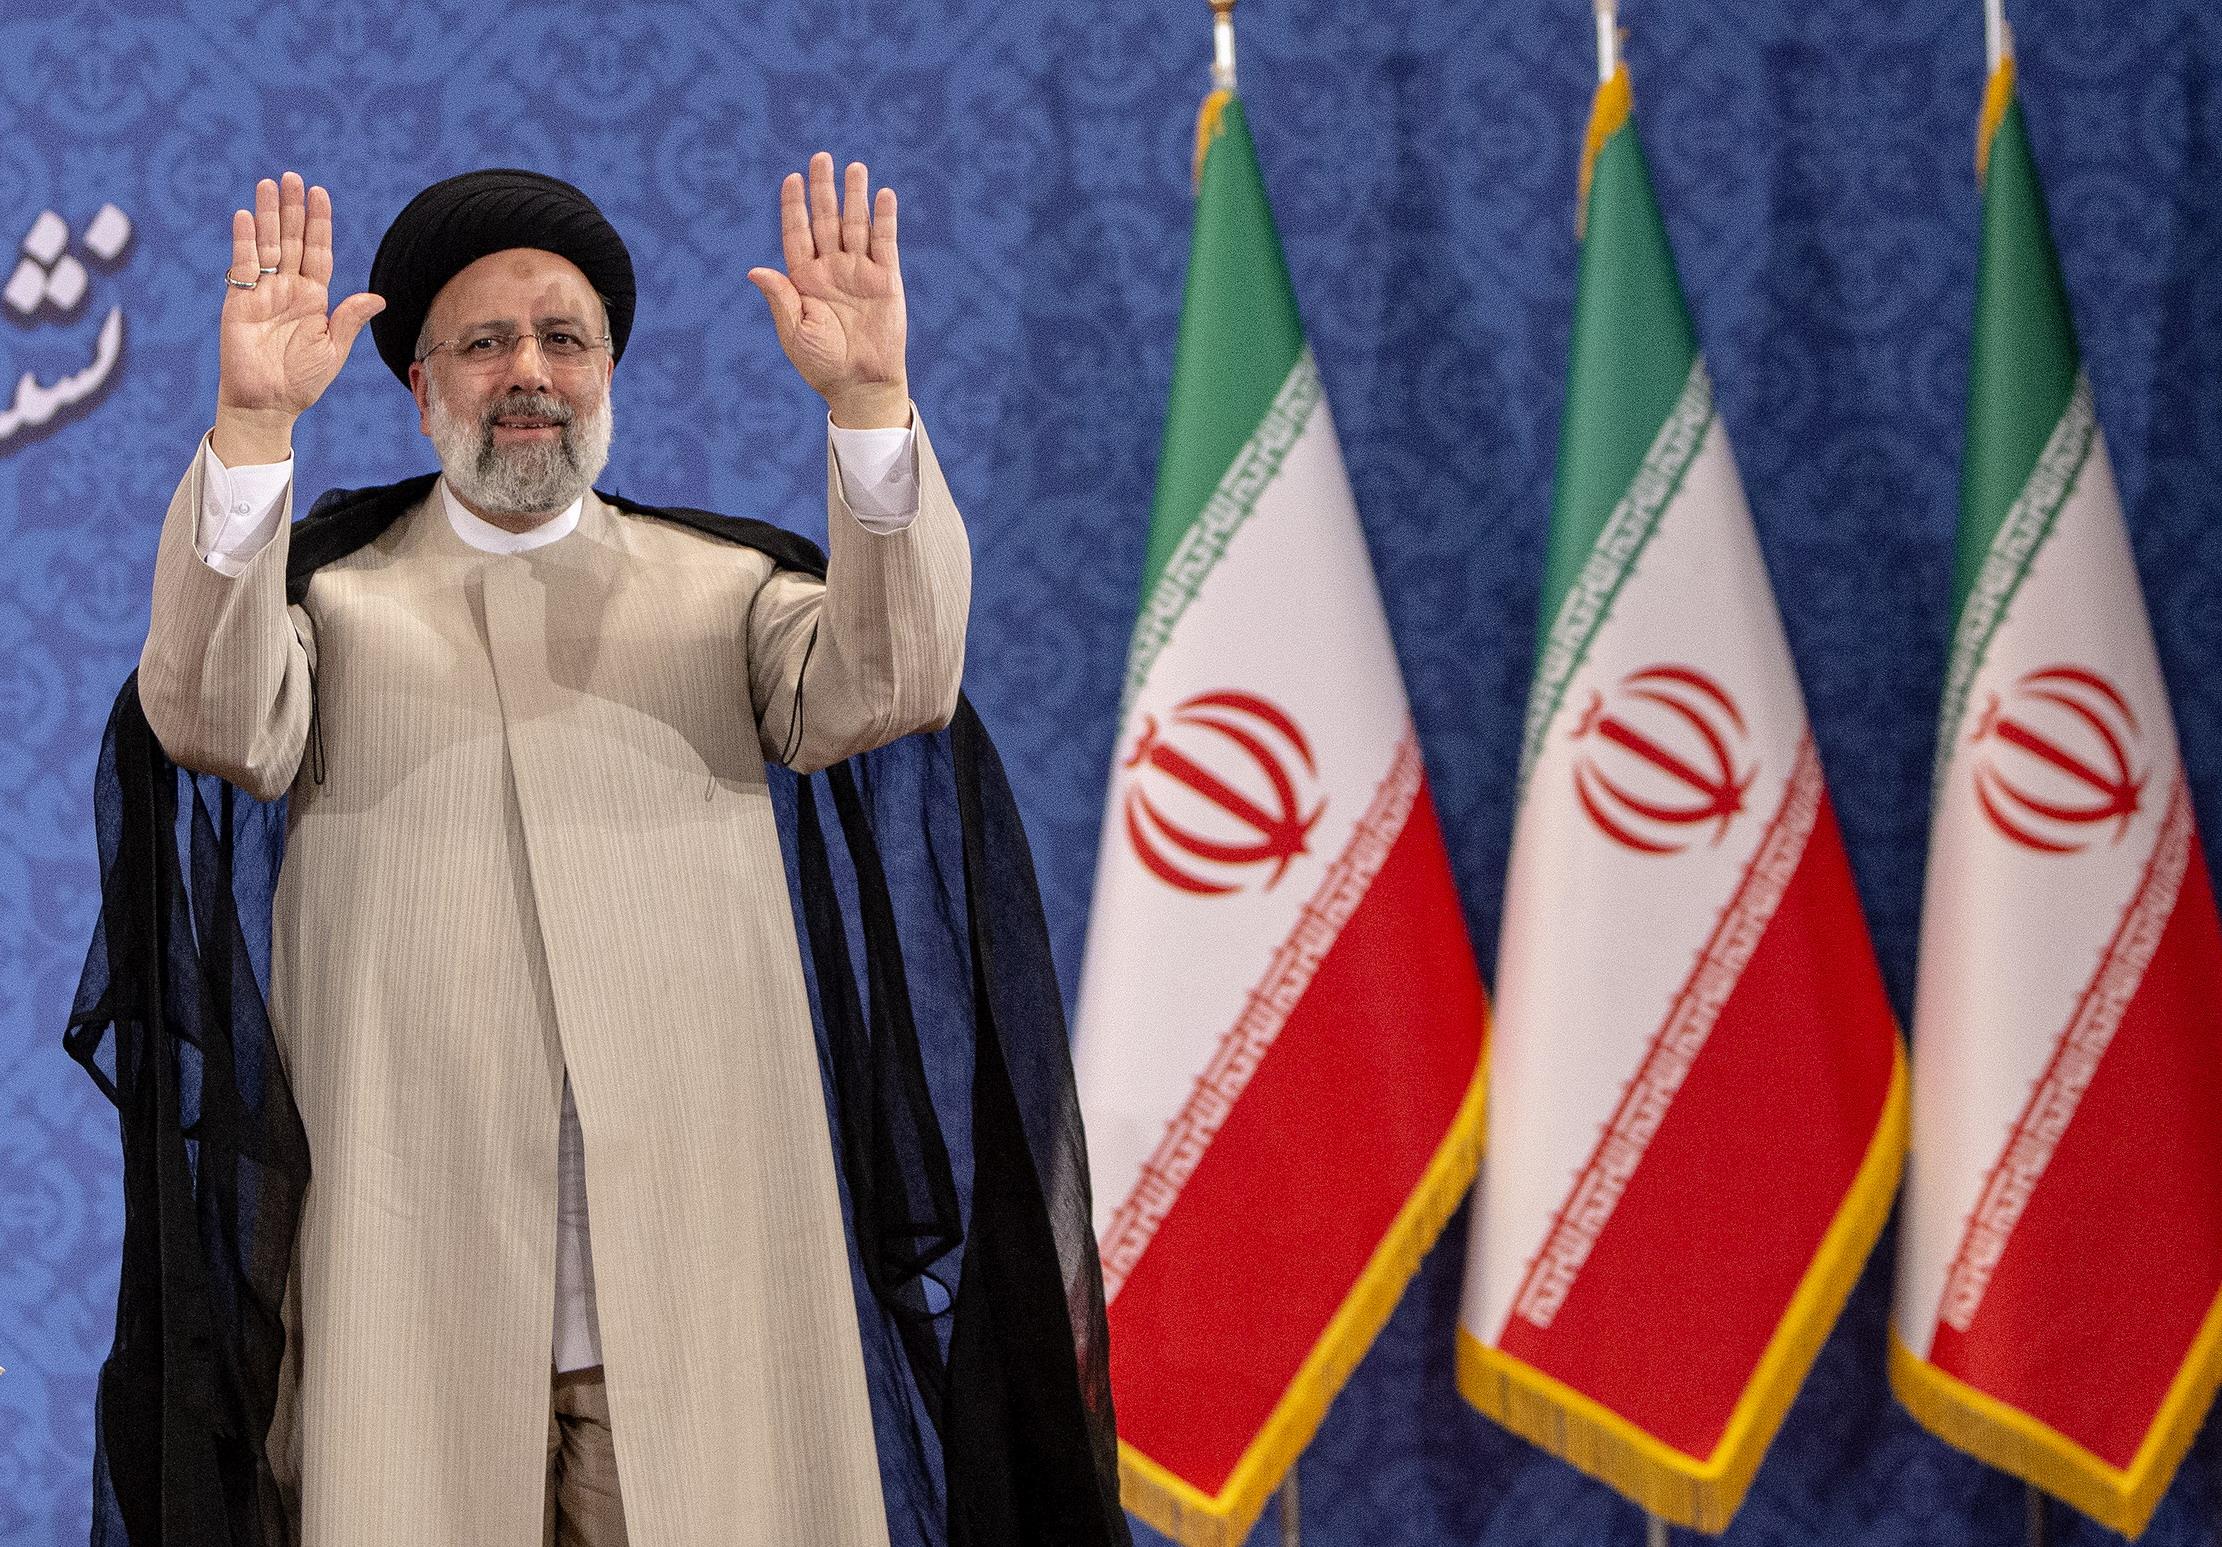 """伊朗当选总统说美国应解除所有对伊""""不公正制裁"""""""